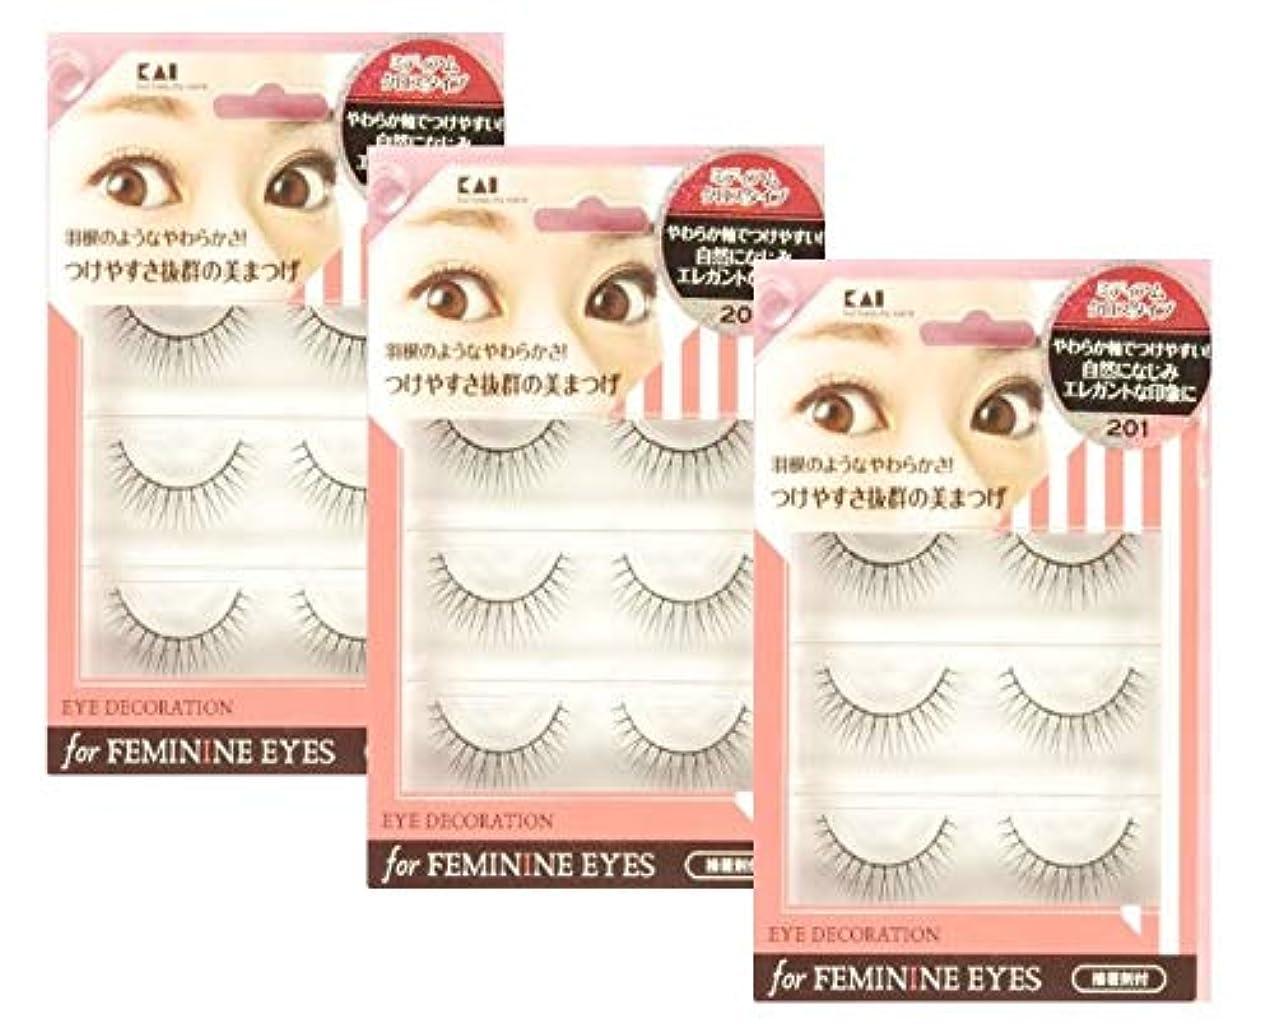 そんなにあいまいな頑張る【まとめ買い3個セット】アイデコレーション for feminine eyes 201 ミディアムクロスタイプ